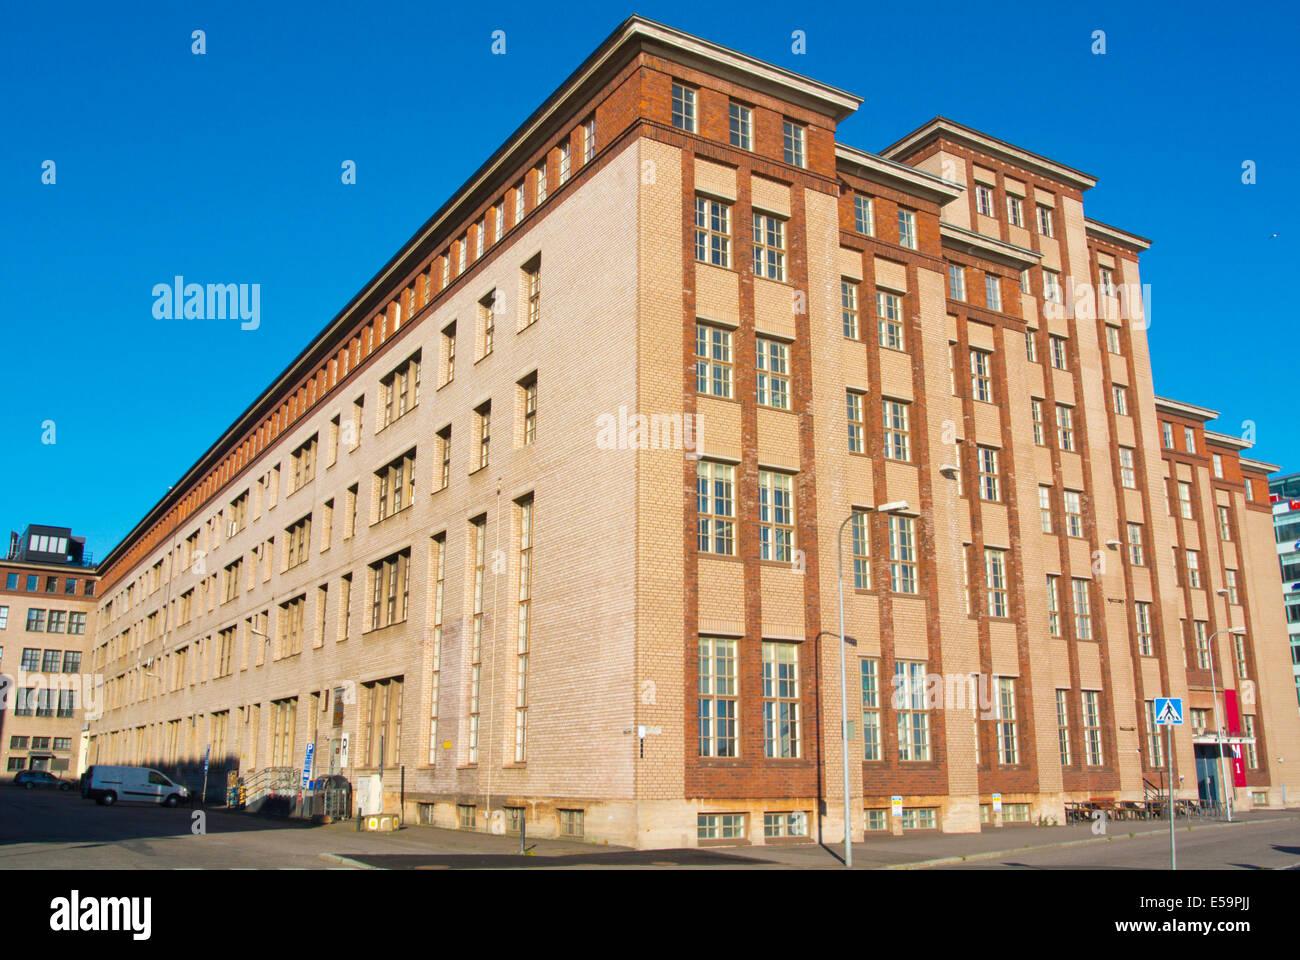 Kaapelitehdas, Cable factory, converted industrial complex, Salmisaari, Ruoholahti, Helsinki, Finland, Europe - Stock Image